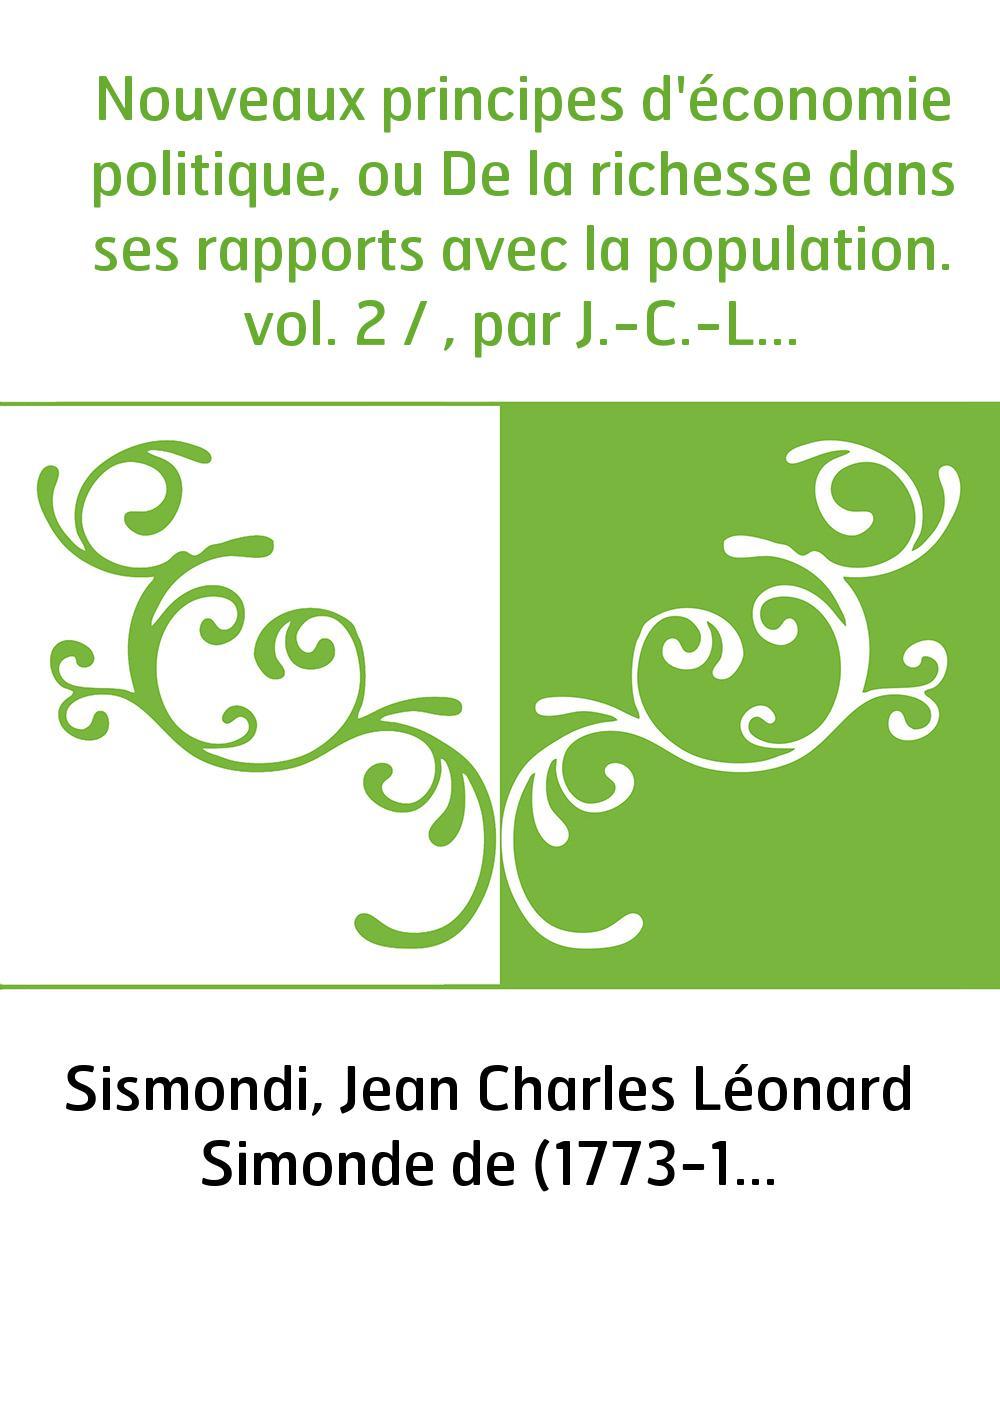 Nouveaux principes d'économie politique, ou De la richesse dans ses rapports avec la population. vol. 2 / , par J.-C.-L. Simonde